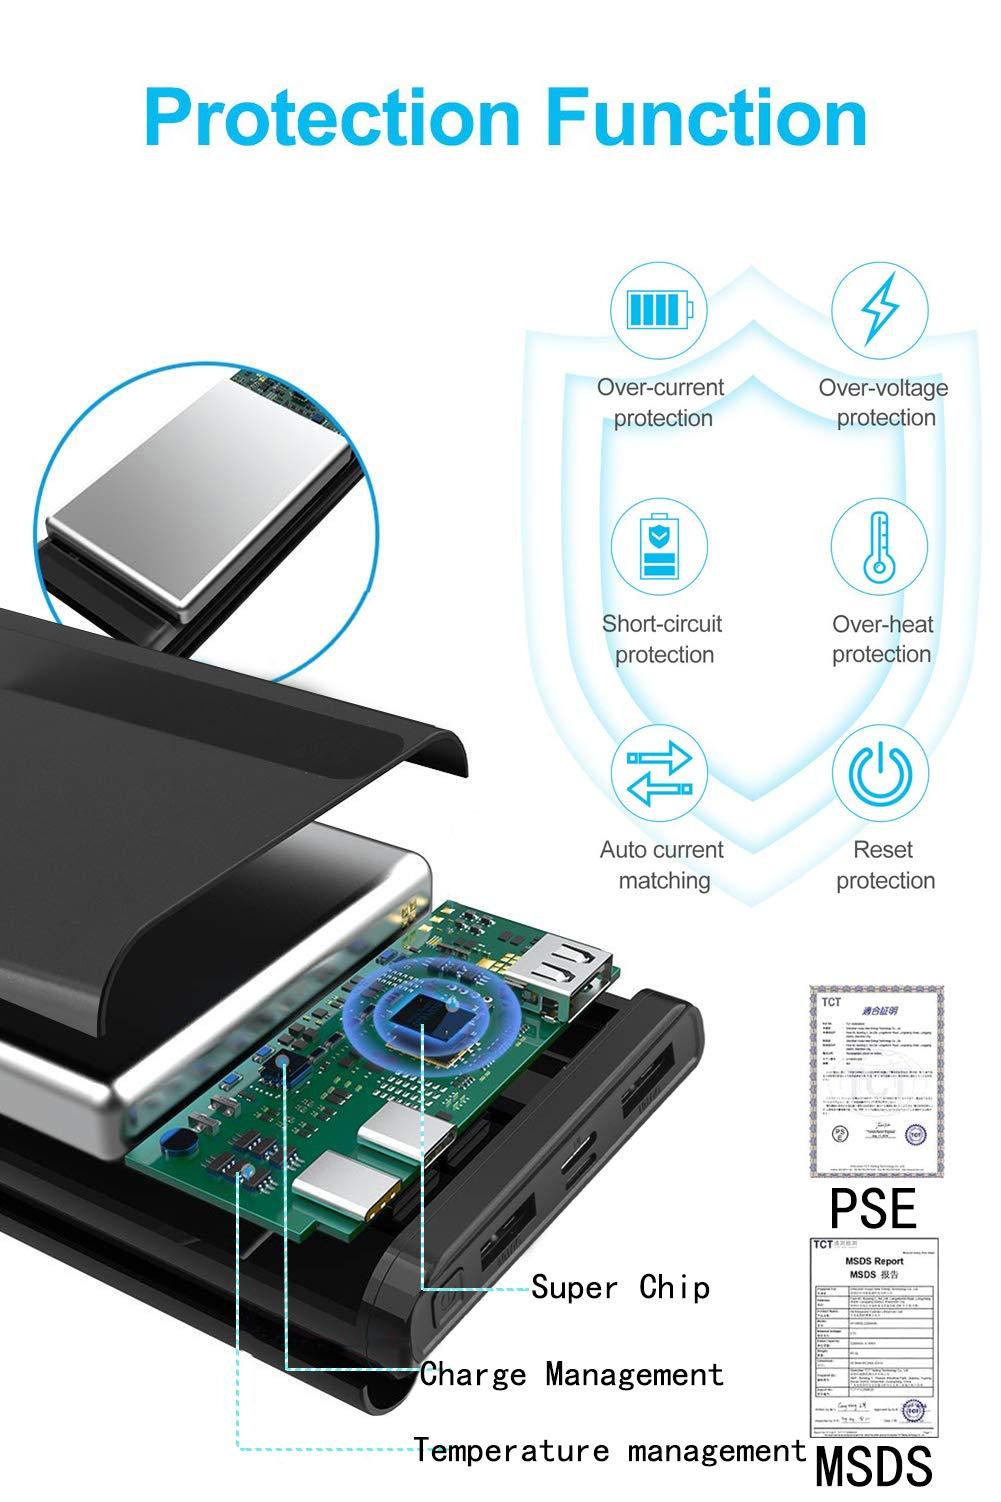 KIVTEET Power Bank 20000mah Carica Rapida Caricatore Portatile Display Digitale Batteria Esterna 2 Porta USB Batteria… 3 spesavip